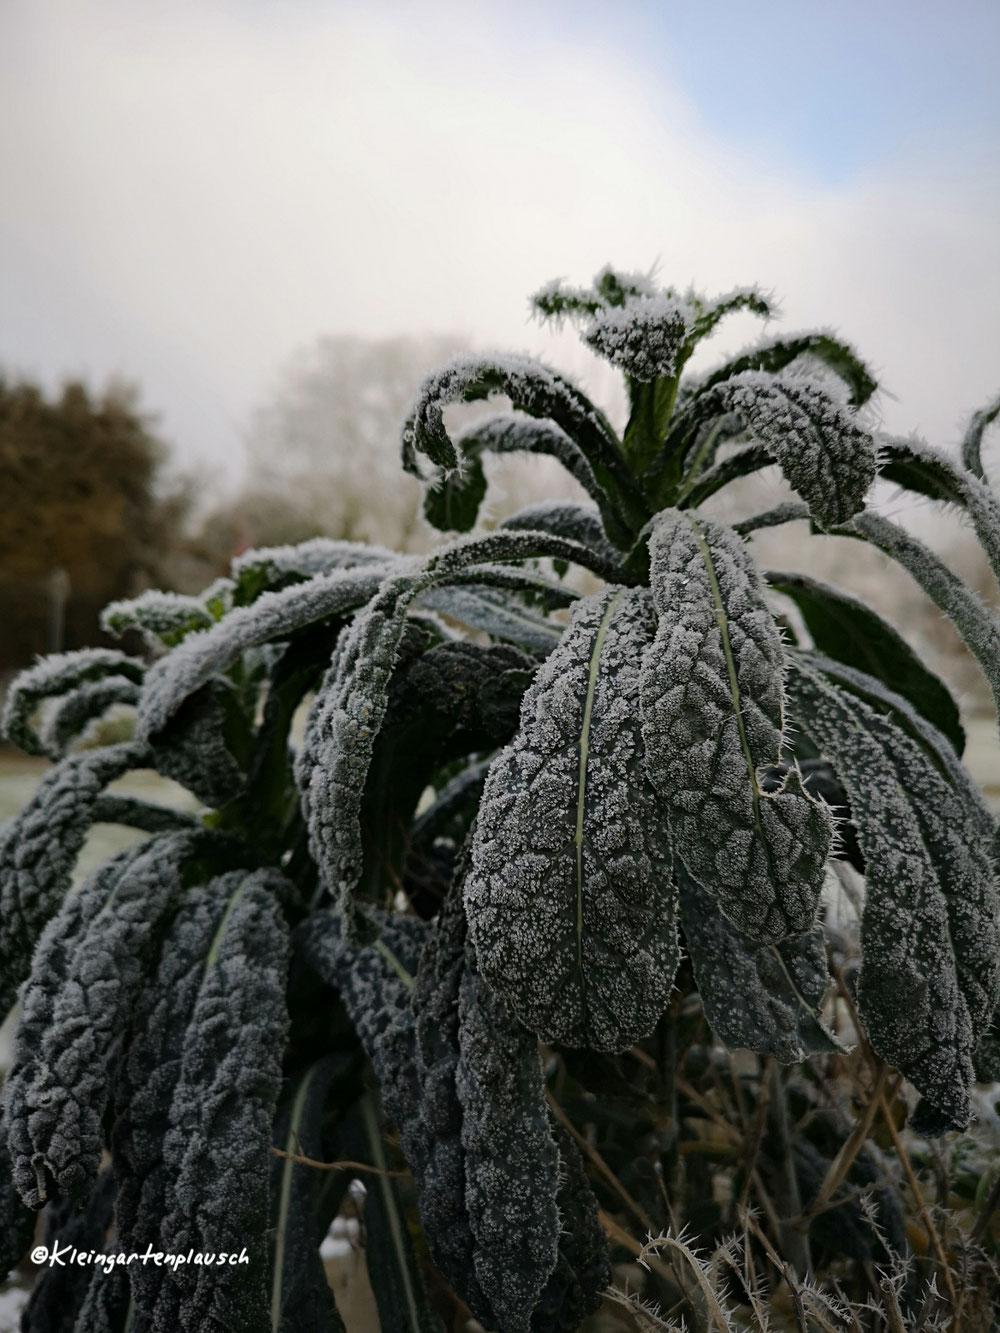 Und der echte Palmkohl macht auch zu dieser Jahreszeit Freude...